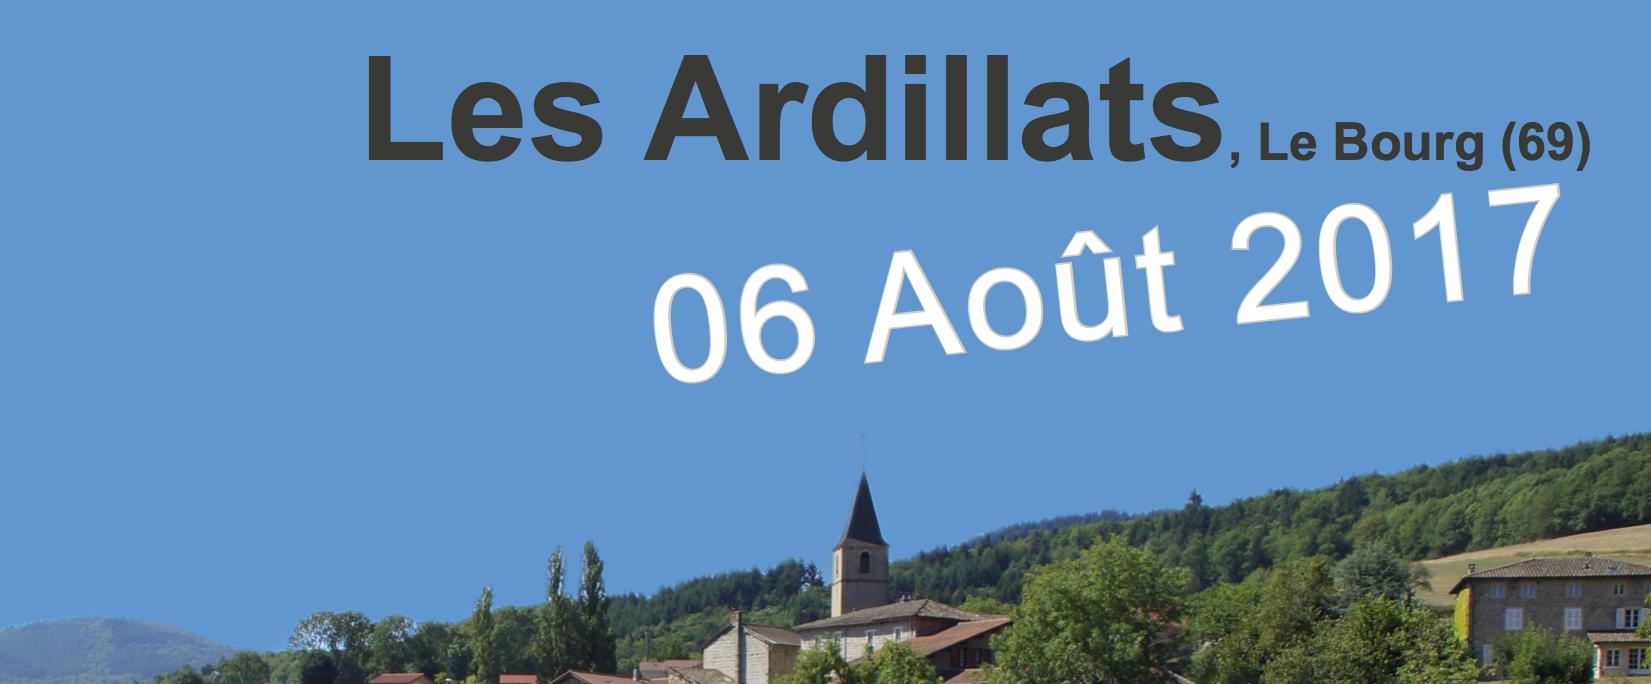 AffichelesArdillats2017 - Copie